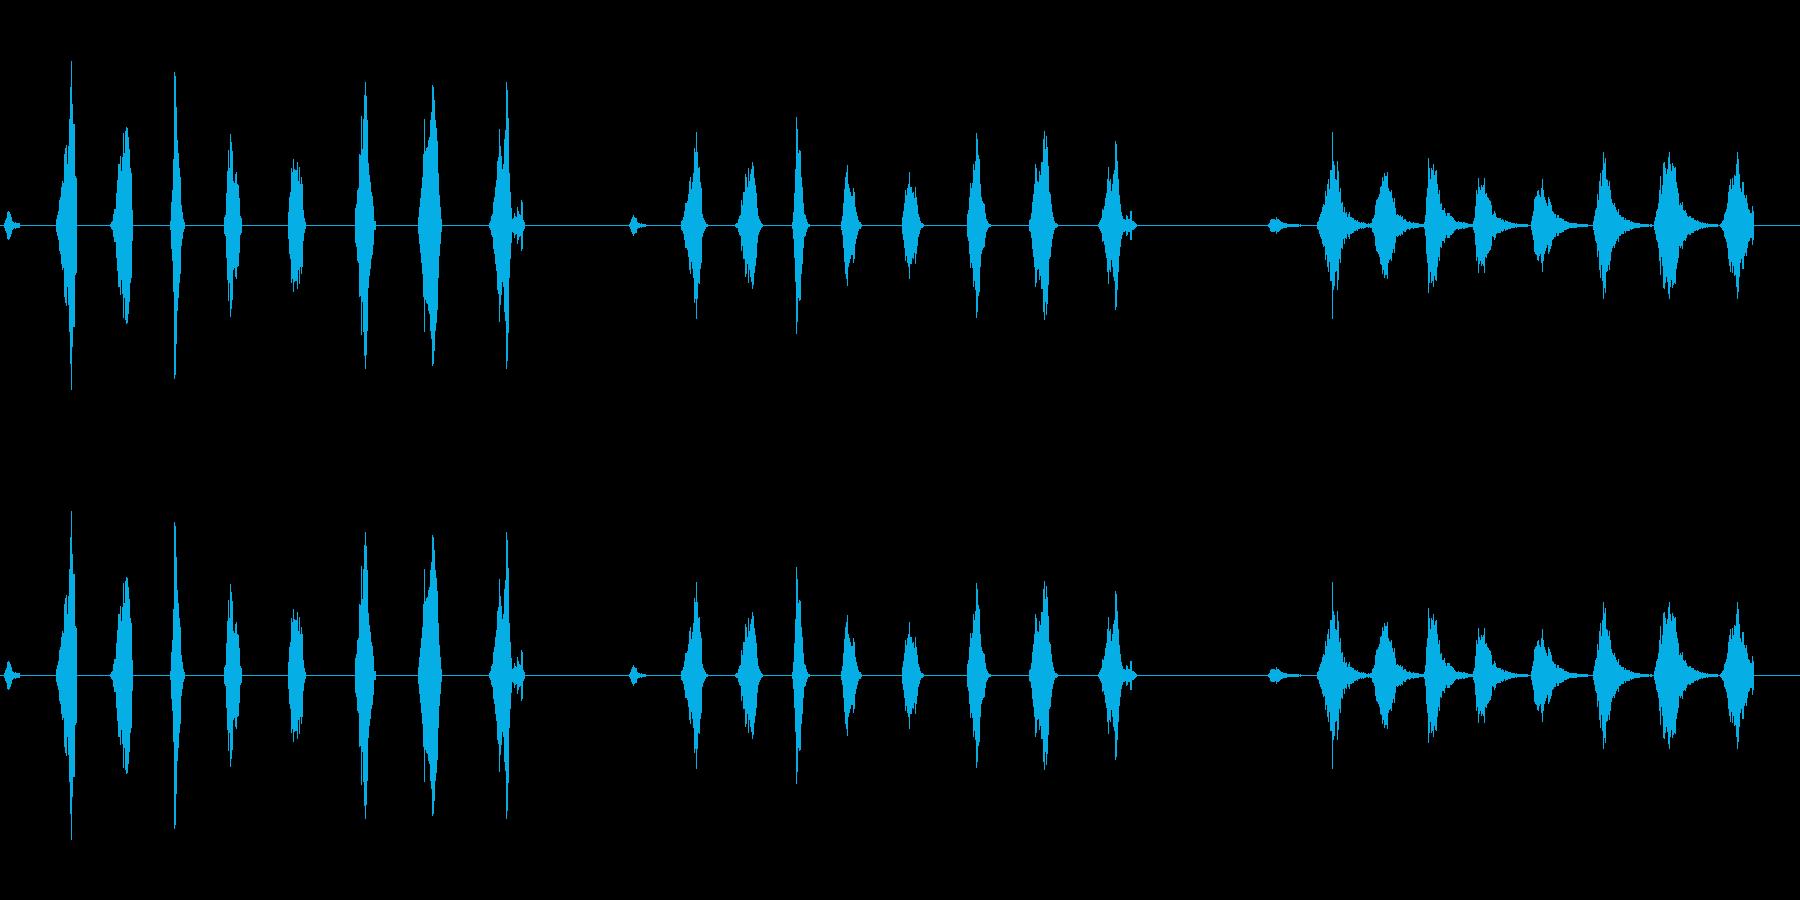 ローププル1の再生済みの波形